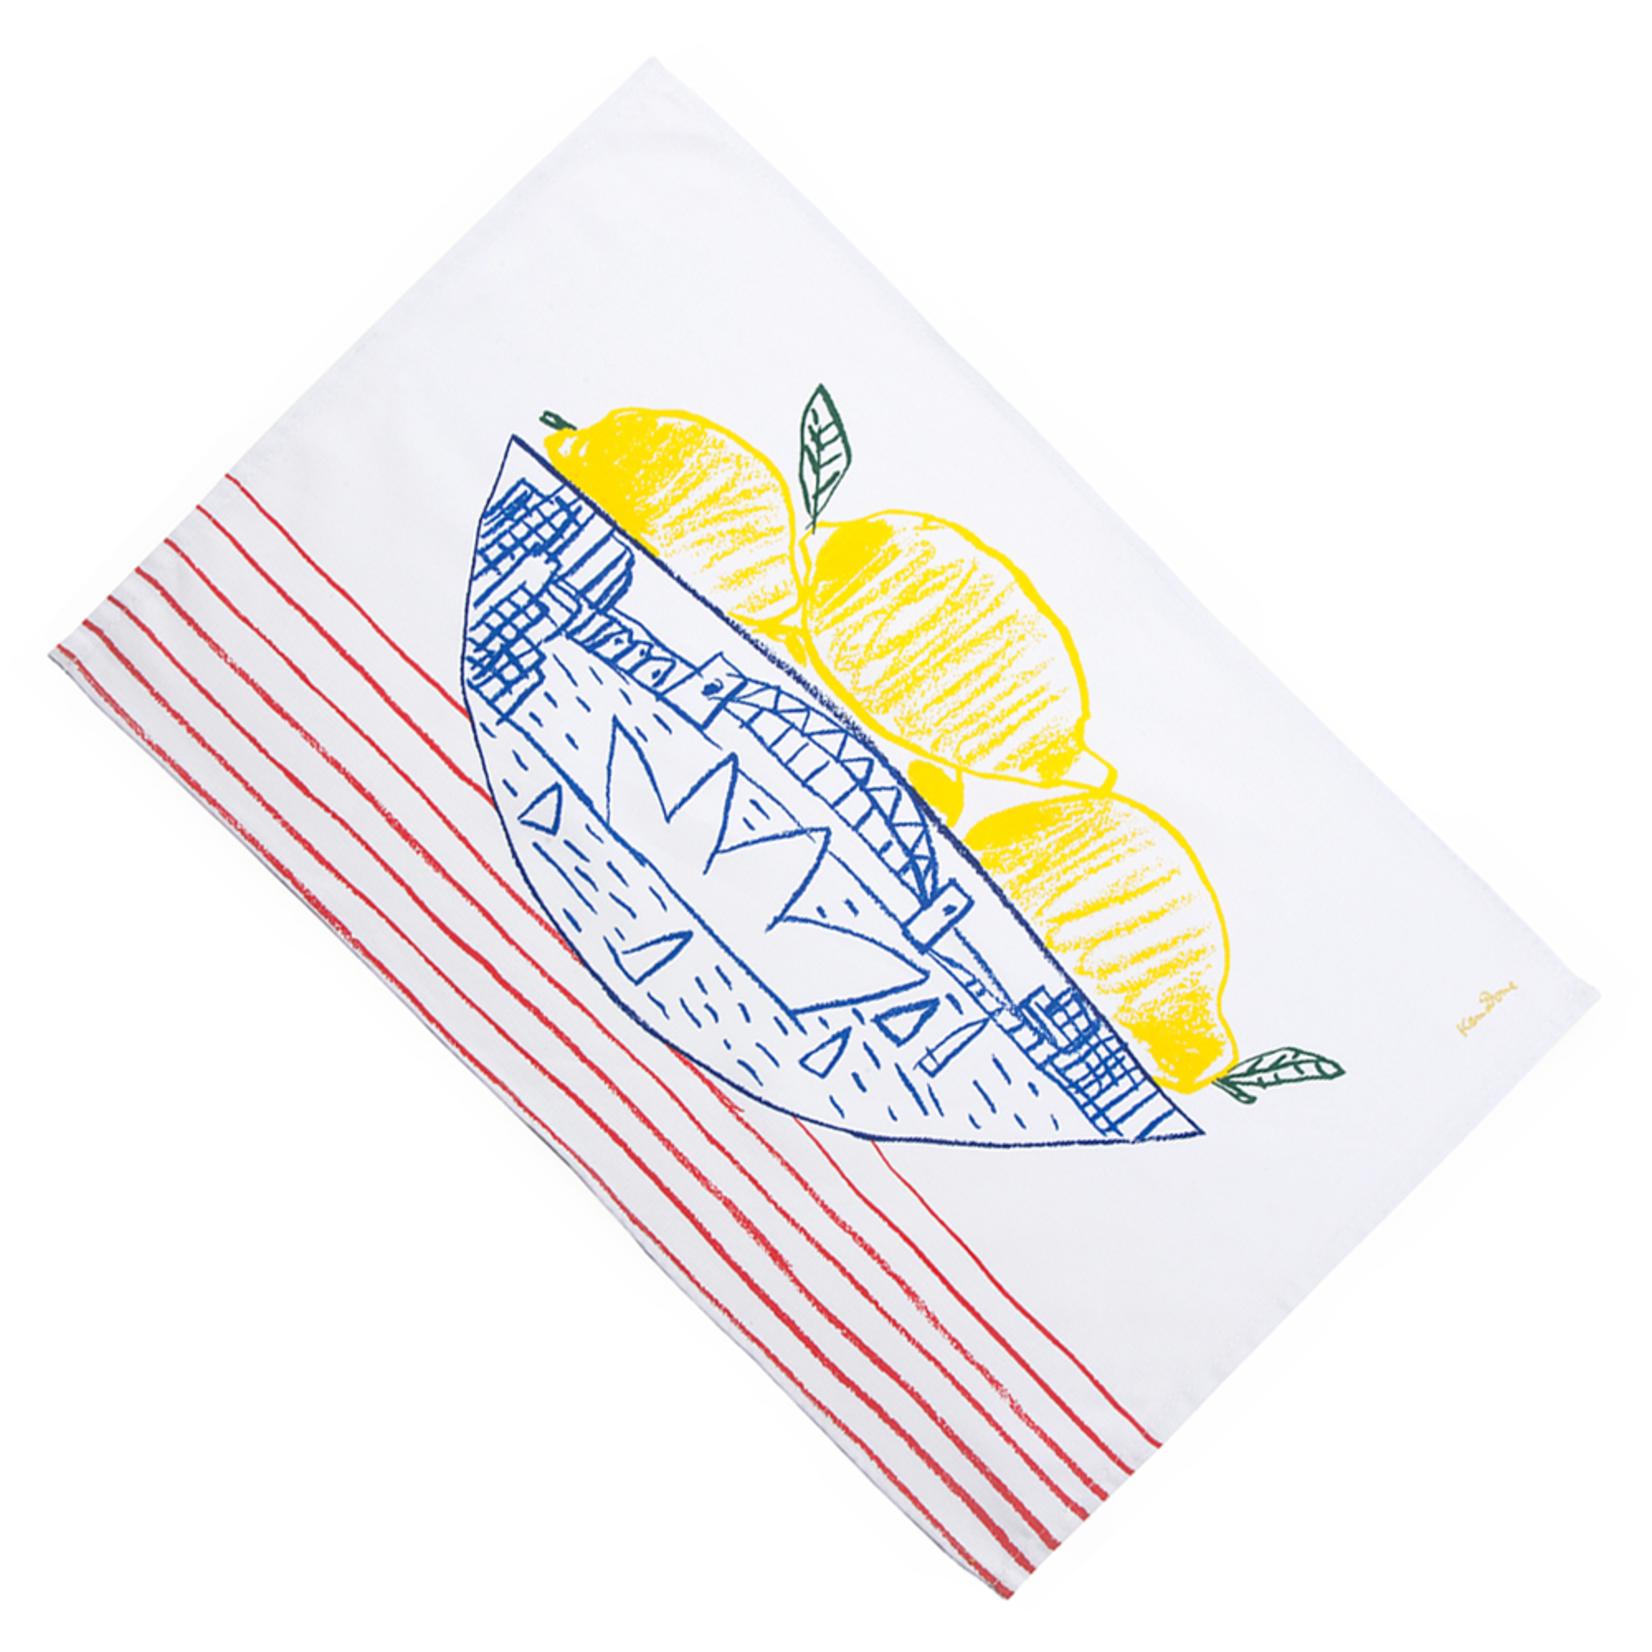 Homewares Teatowel - Sydney Bowl of Lemons